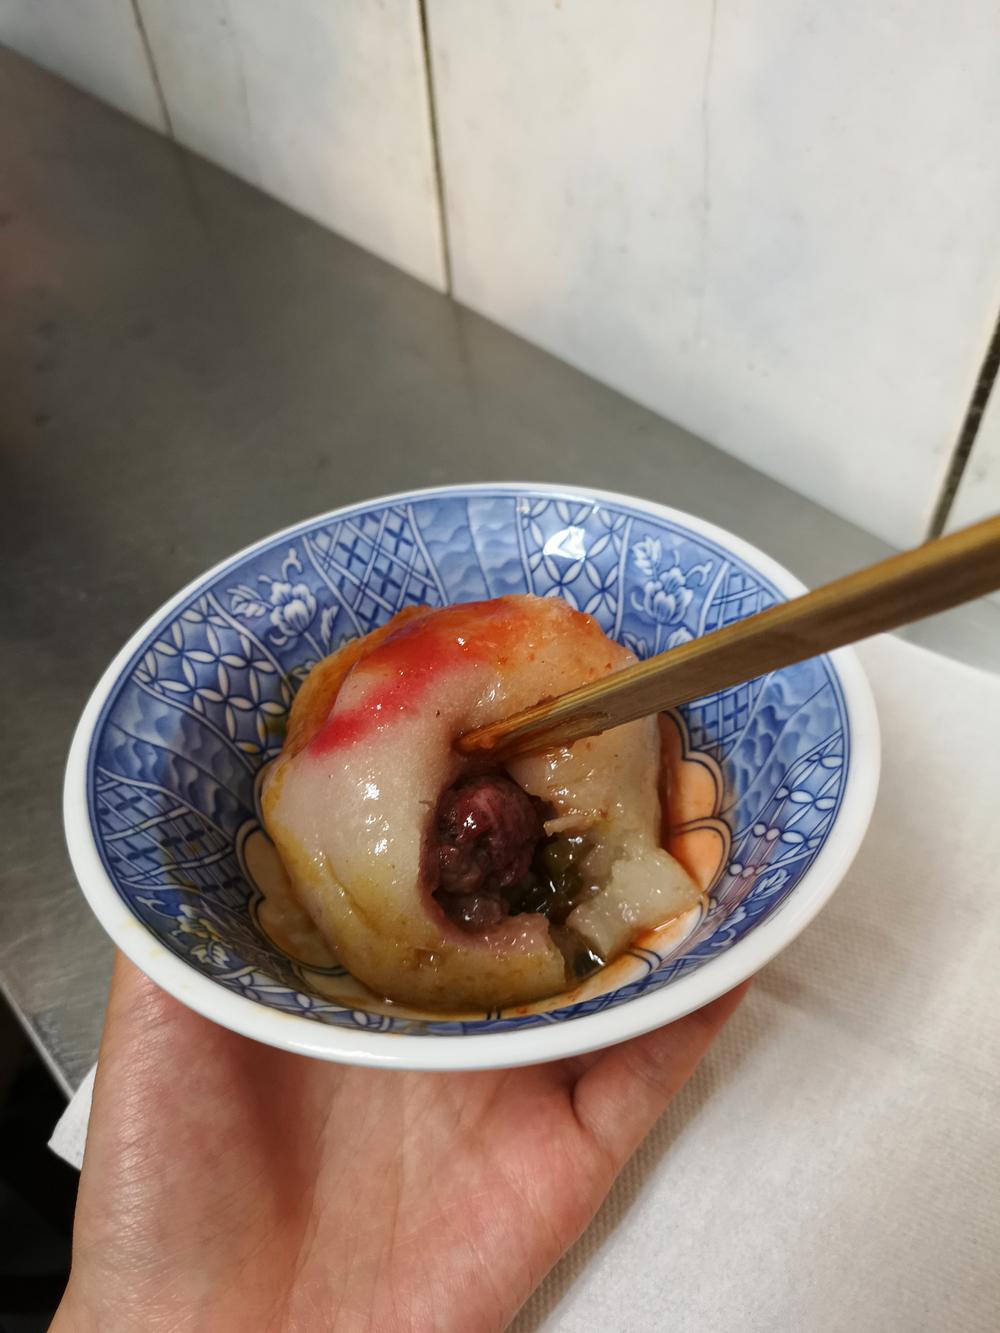 肉圓: Meatball Dumpling